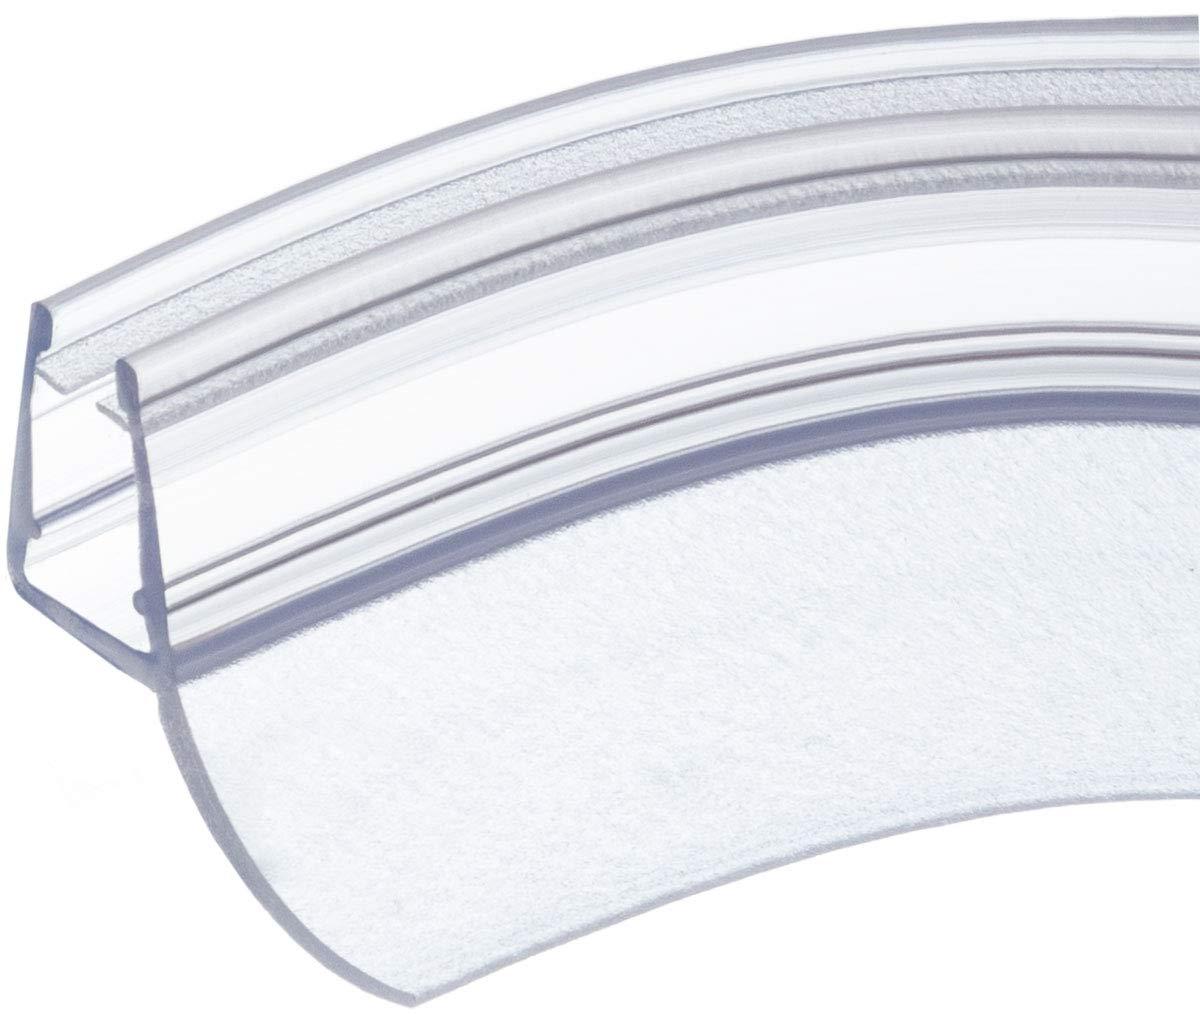 pour verre /épaisseur 5mm// 6mm// 7mm// 8mm pour quadrant douche arqu/é 90cm UK12 Joint d/étanch/éit/é de remplacement pour douche circulaire//ronde